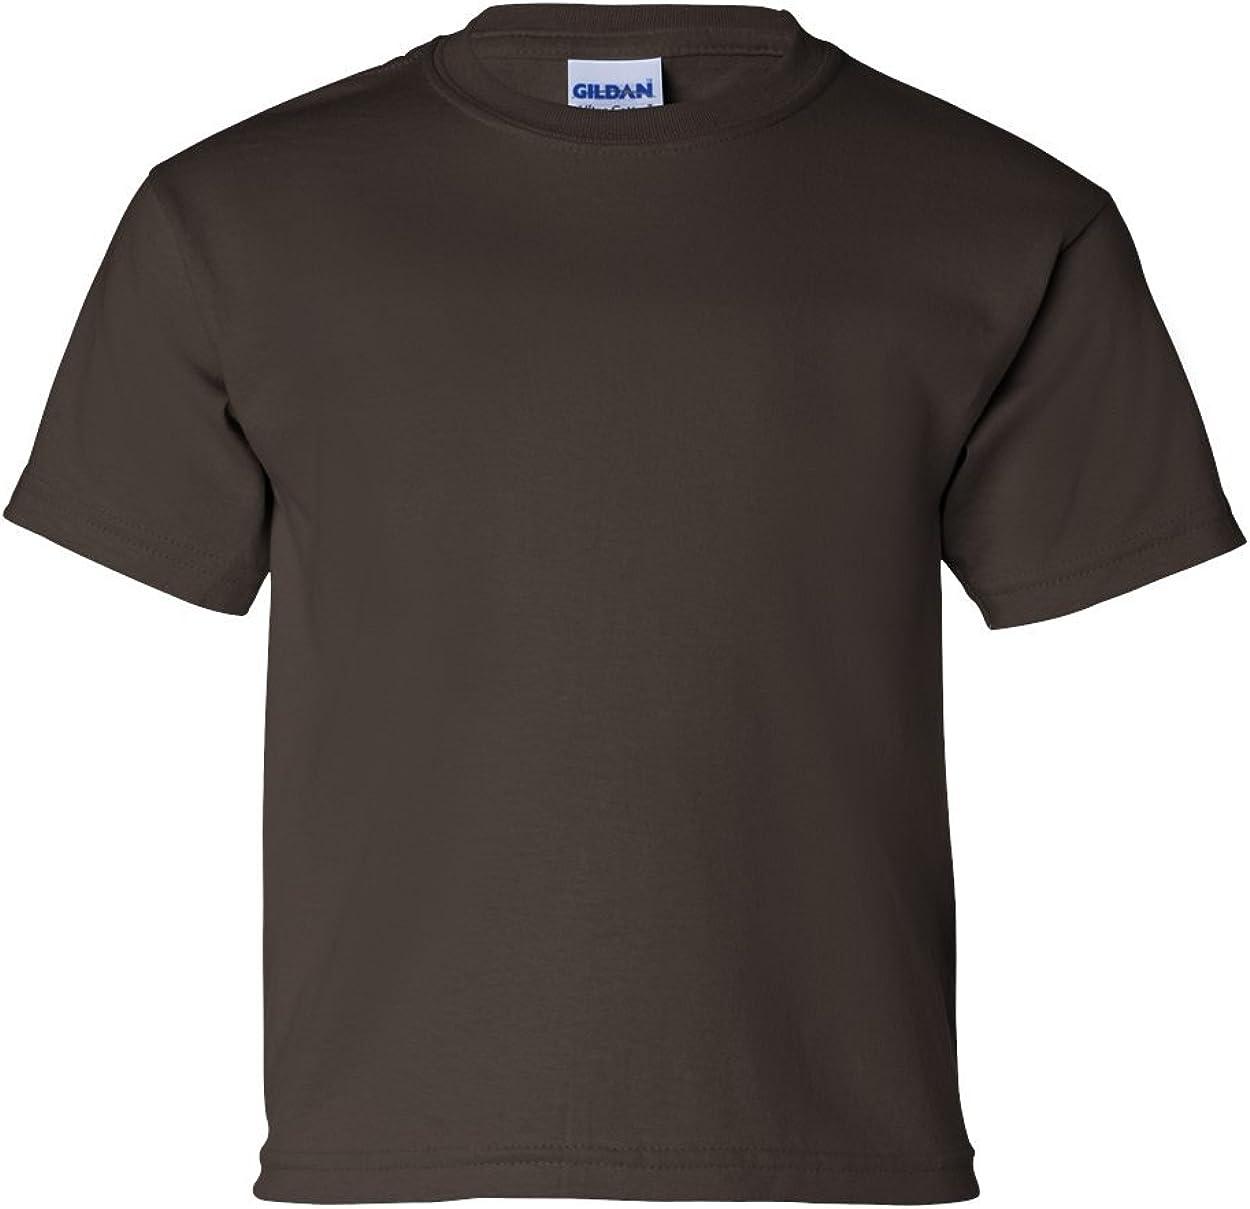 Cotton T-Shirt (G200B) Dark Chocolate, XS (Pack of 12)